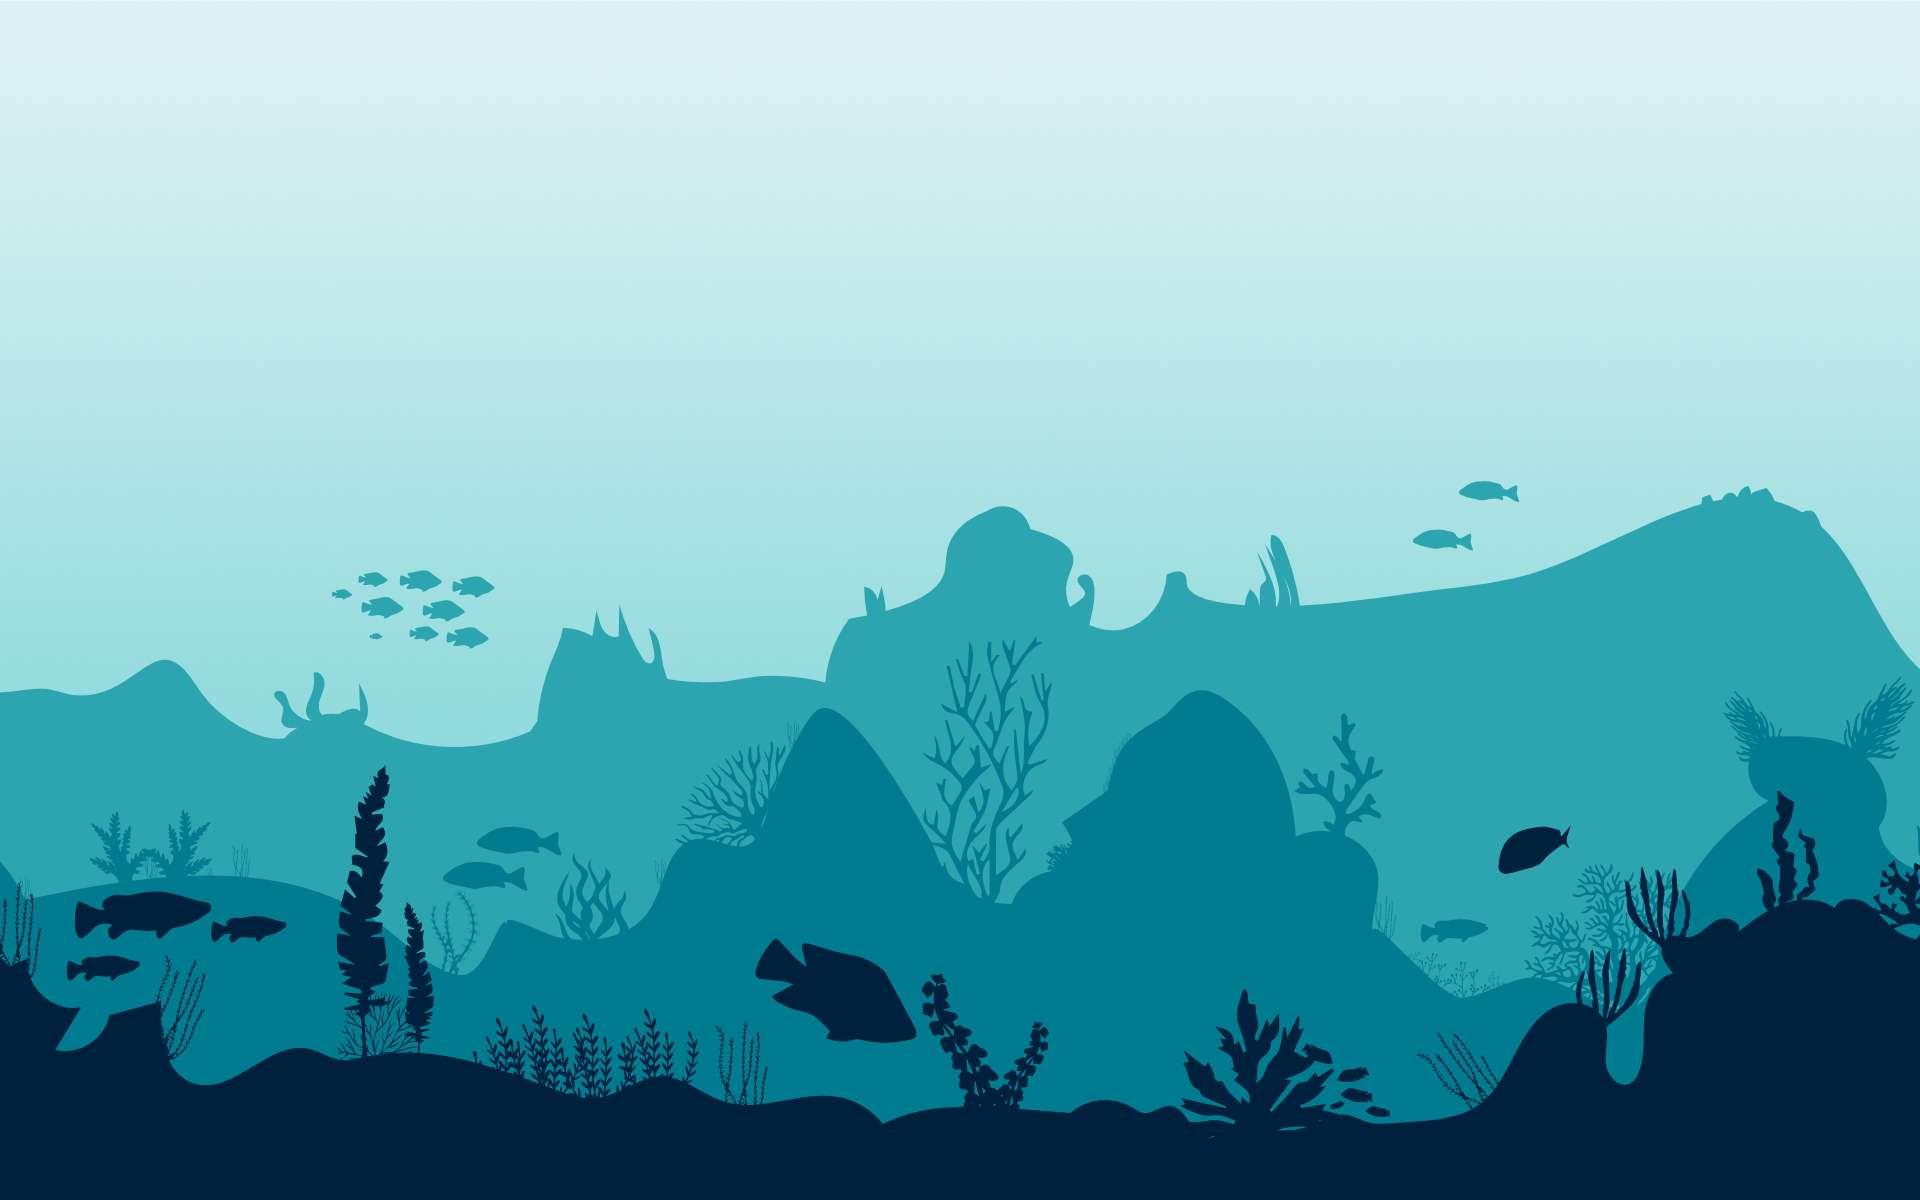 Un poisson benthique vit au fond de la mer, des lacs ou des rivières. © Евгений Соловьев, Adobe Stock